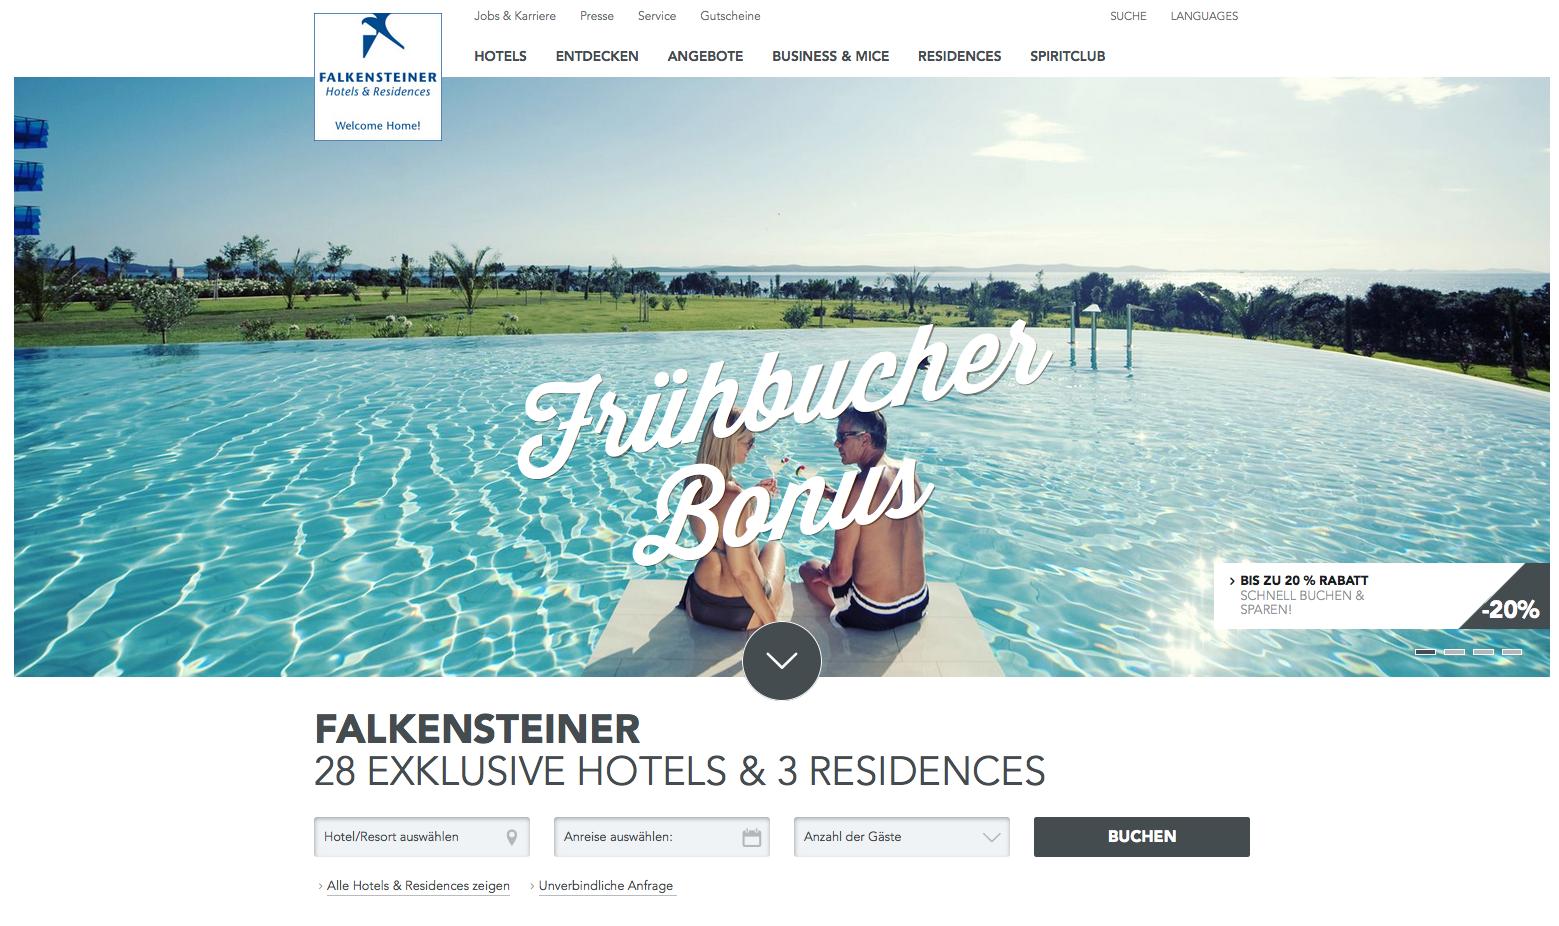 Falkensteiner Hotels & Residences  Gutschein